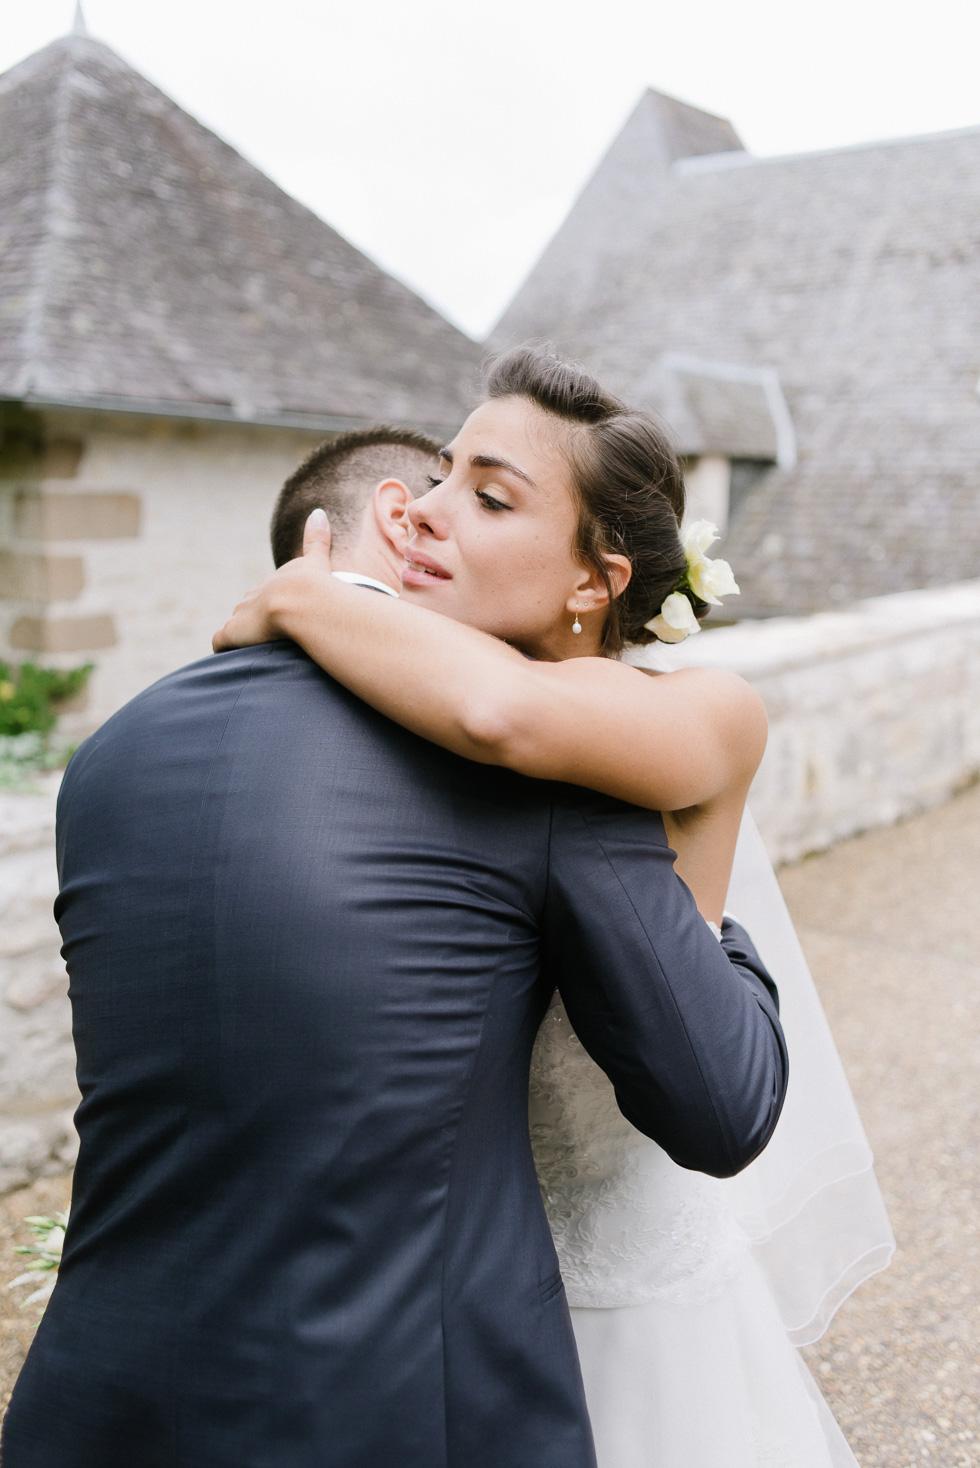 Mariage Camille et Nicolas au Domaine de la Fage en Corrèze (17)